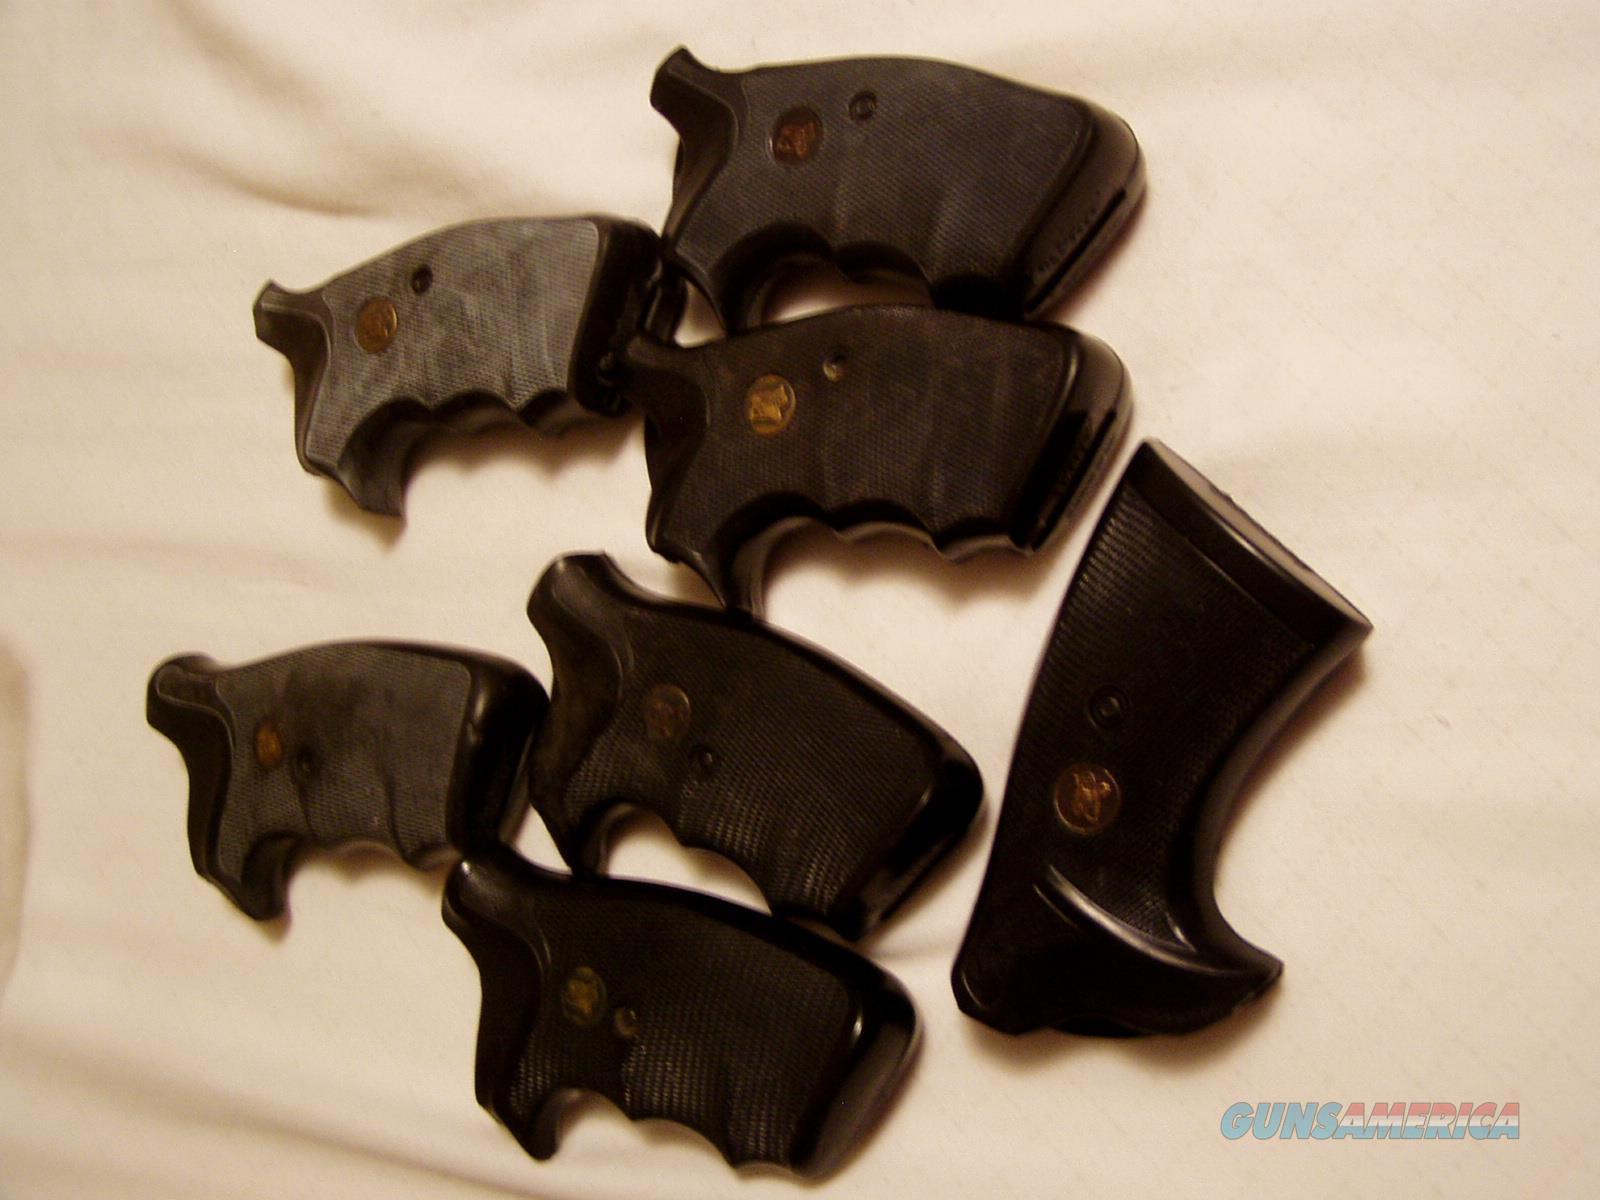 7 PAIR OF PACHMYERS S&W K FRAME SQUARE BUTT GRIPS  Non-Guns > Gunstocks, Grips & Wood